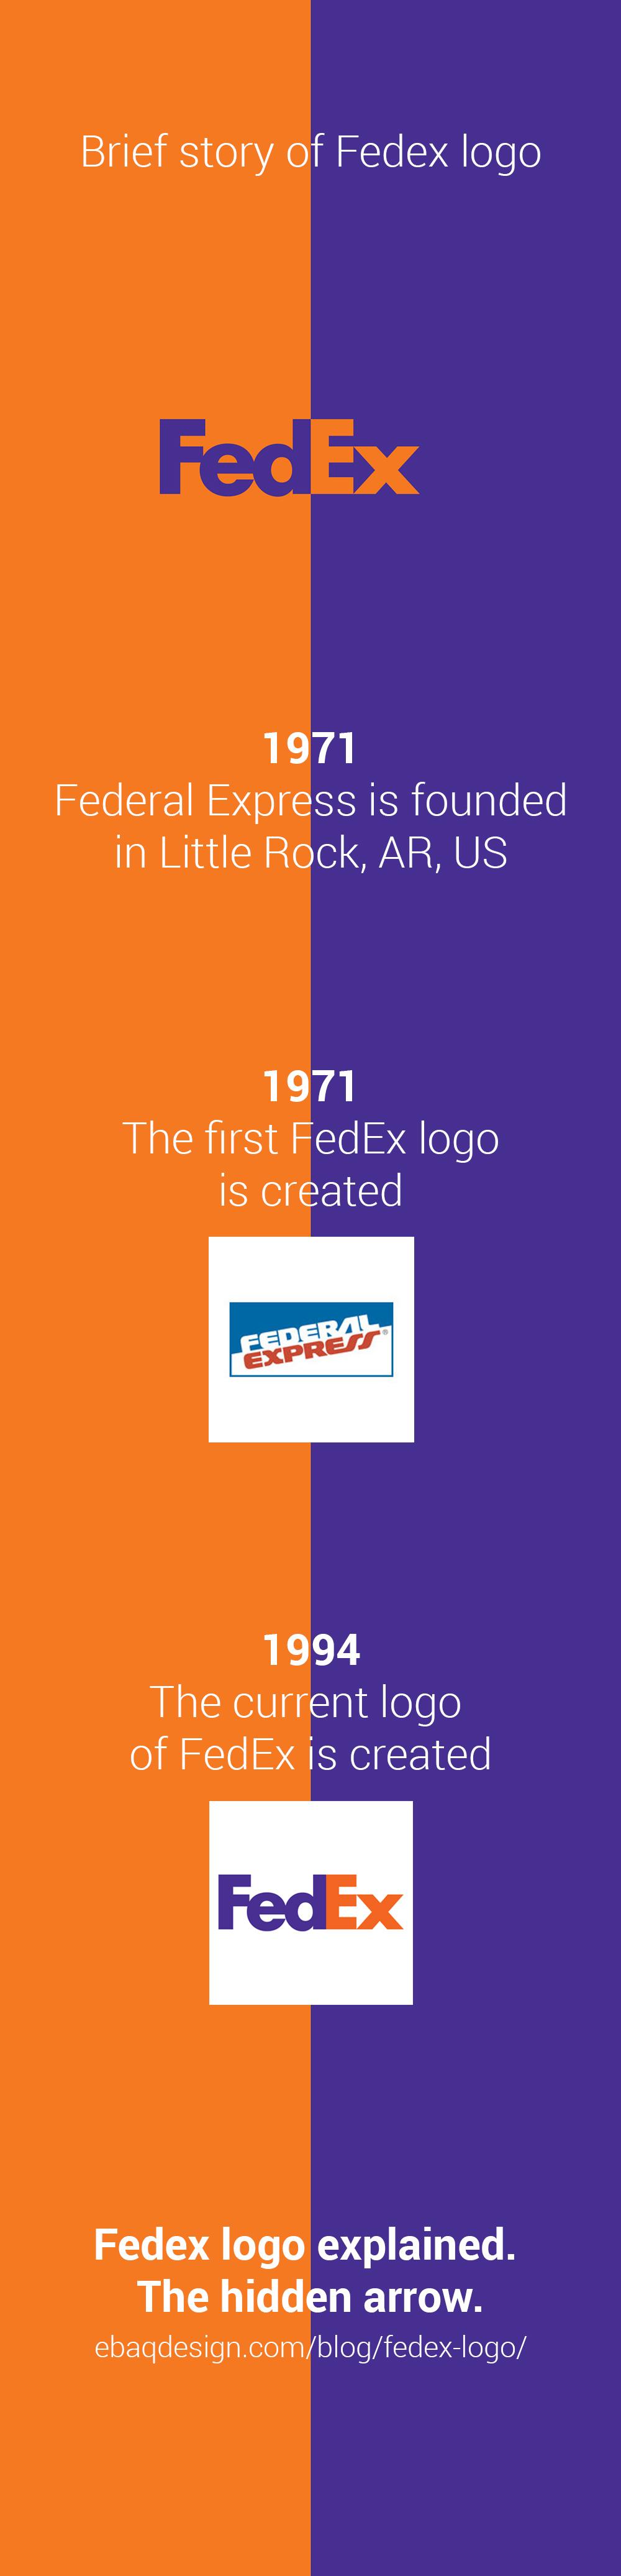 Fedex logo explained. The hidden arrow. Explained, Logos